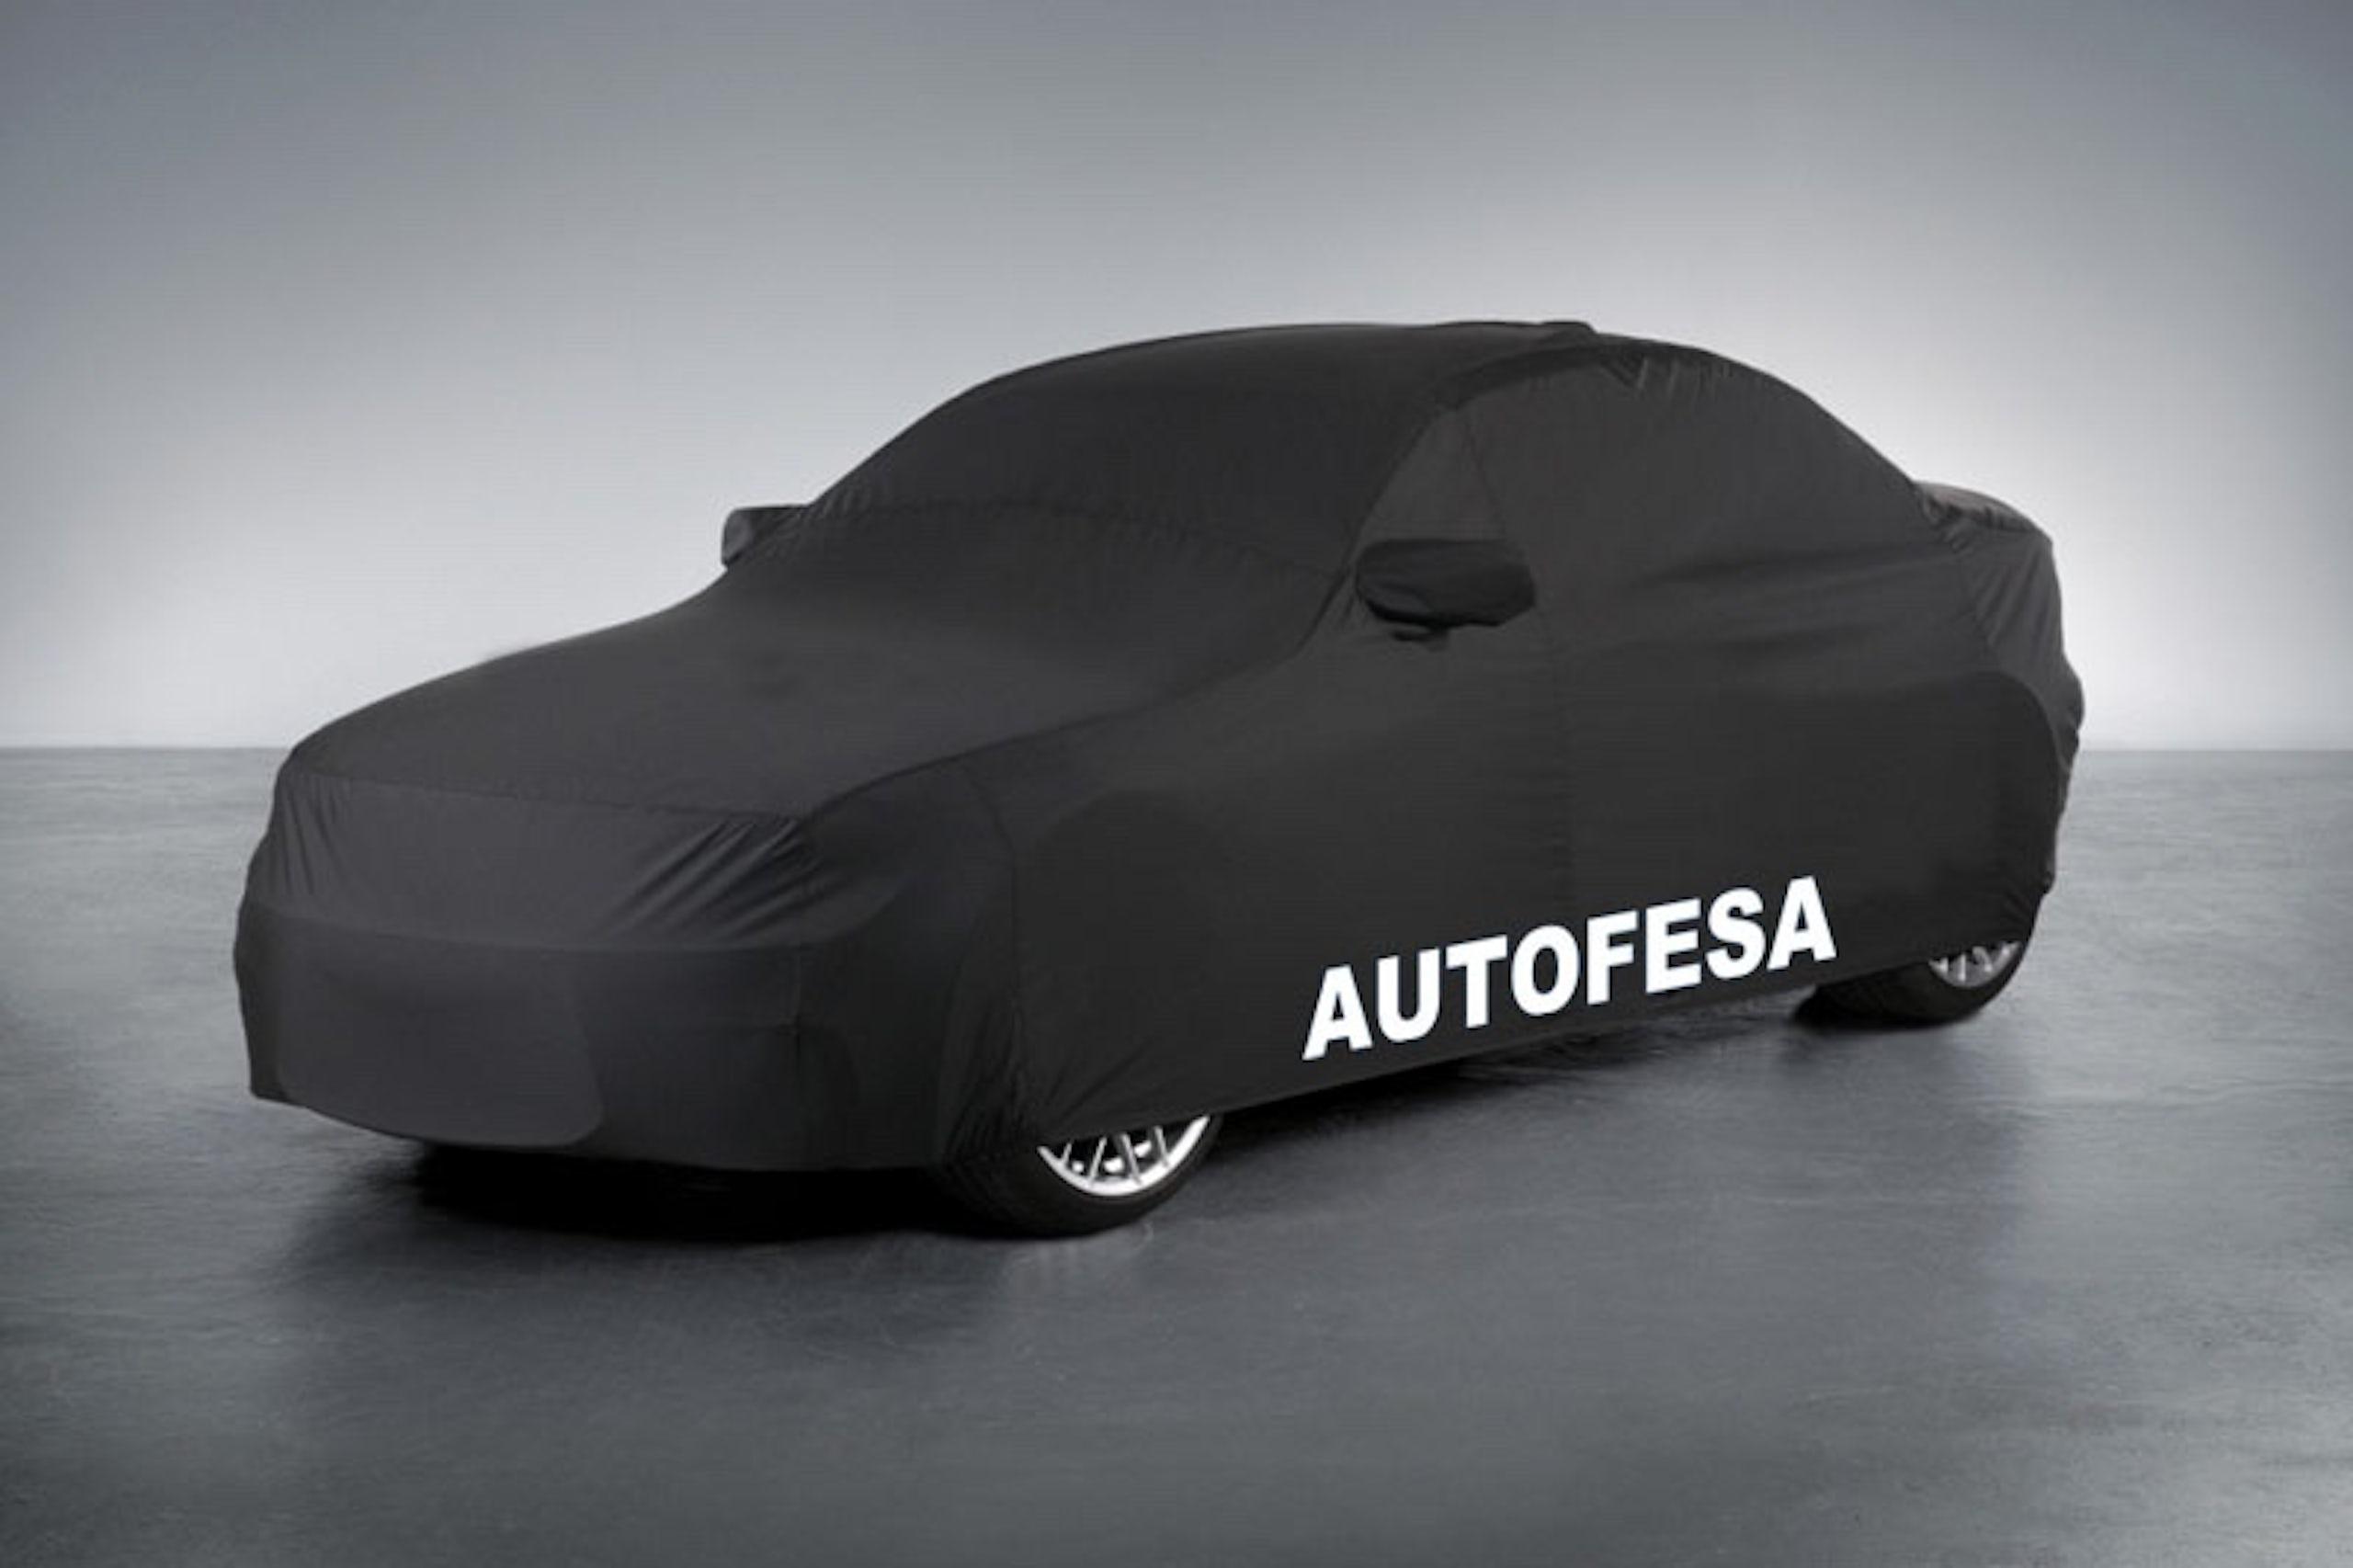 Audi A4 Avant 2.0 TDI 190cv quattro 5p S tronic Auto S/S - Foto 9